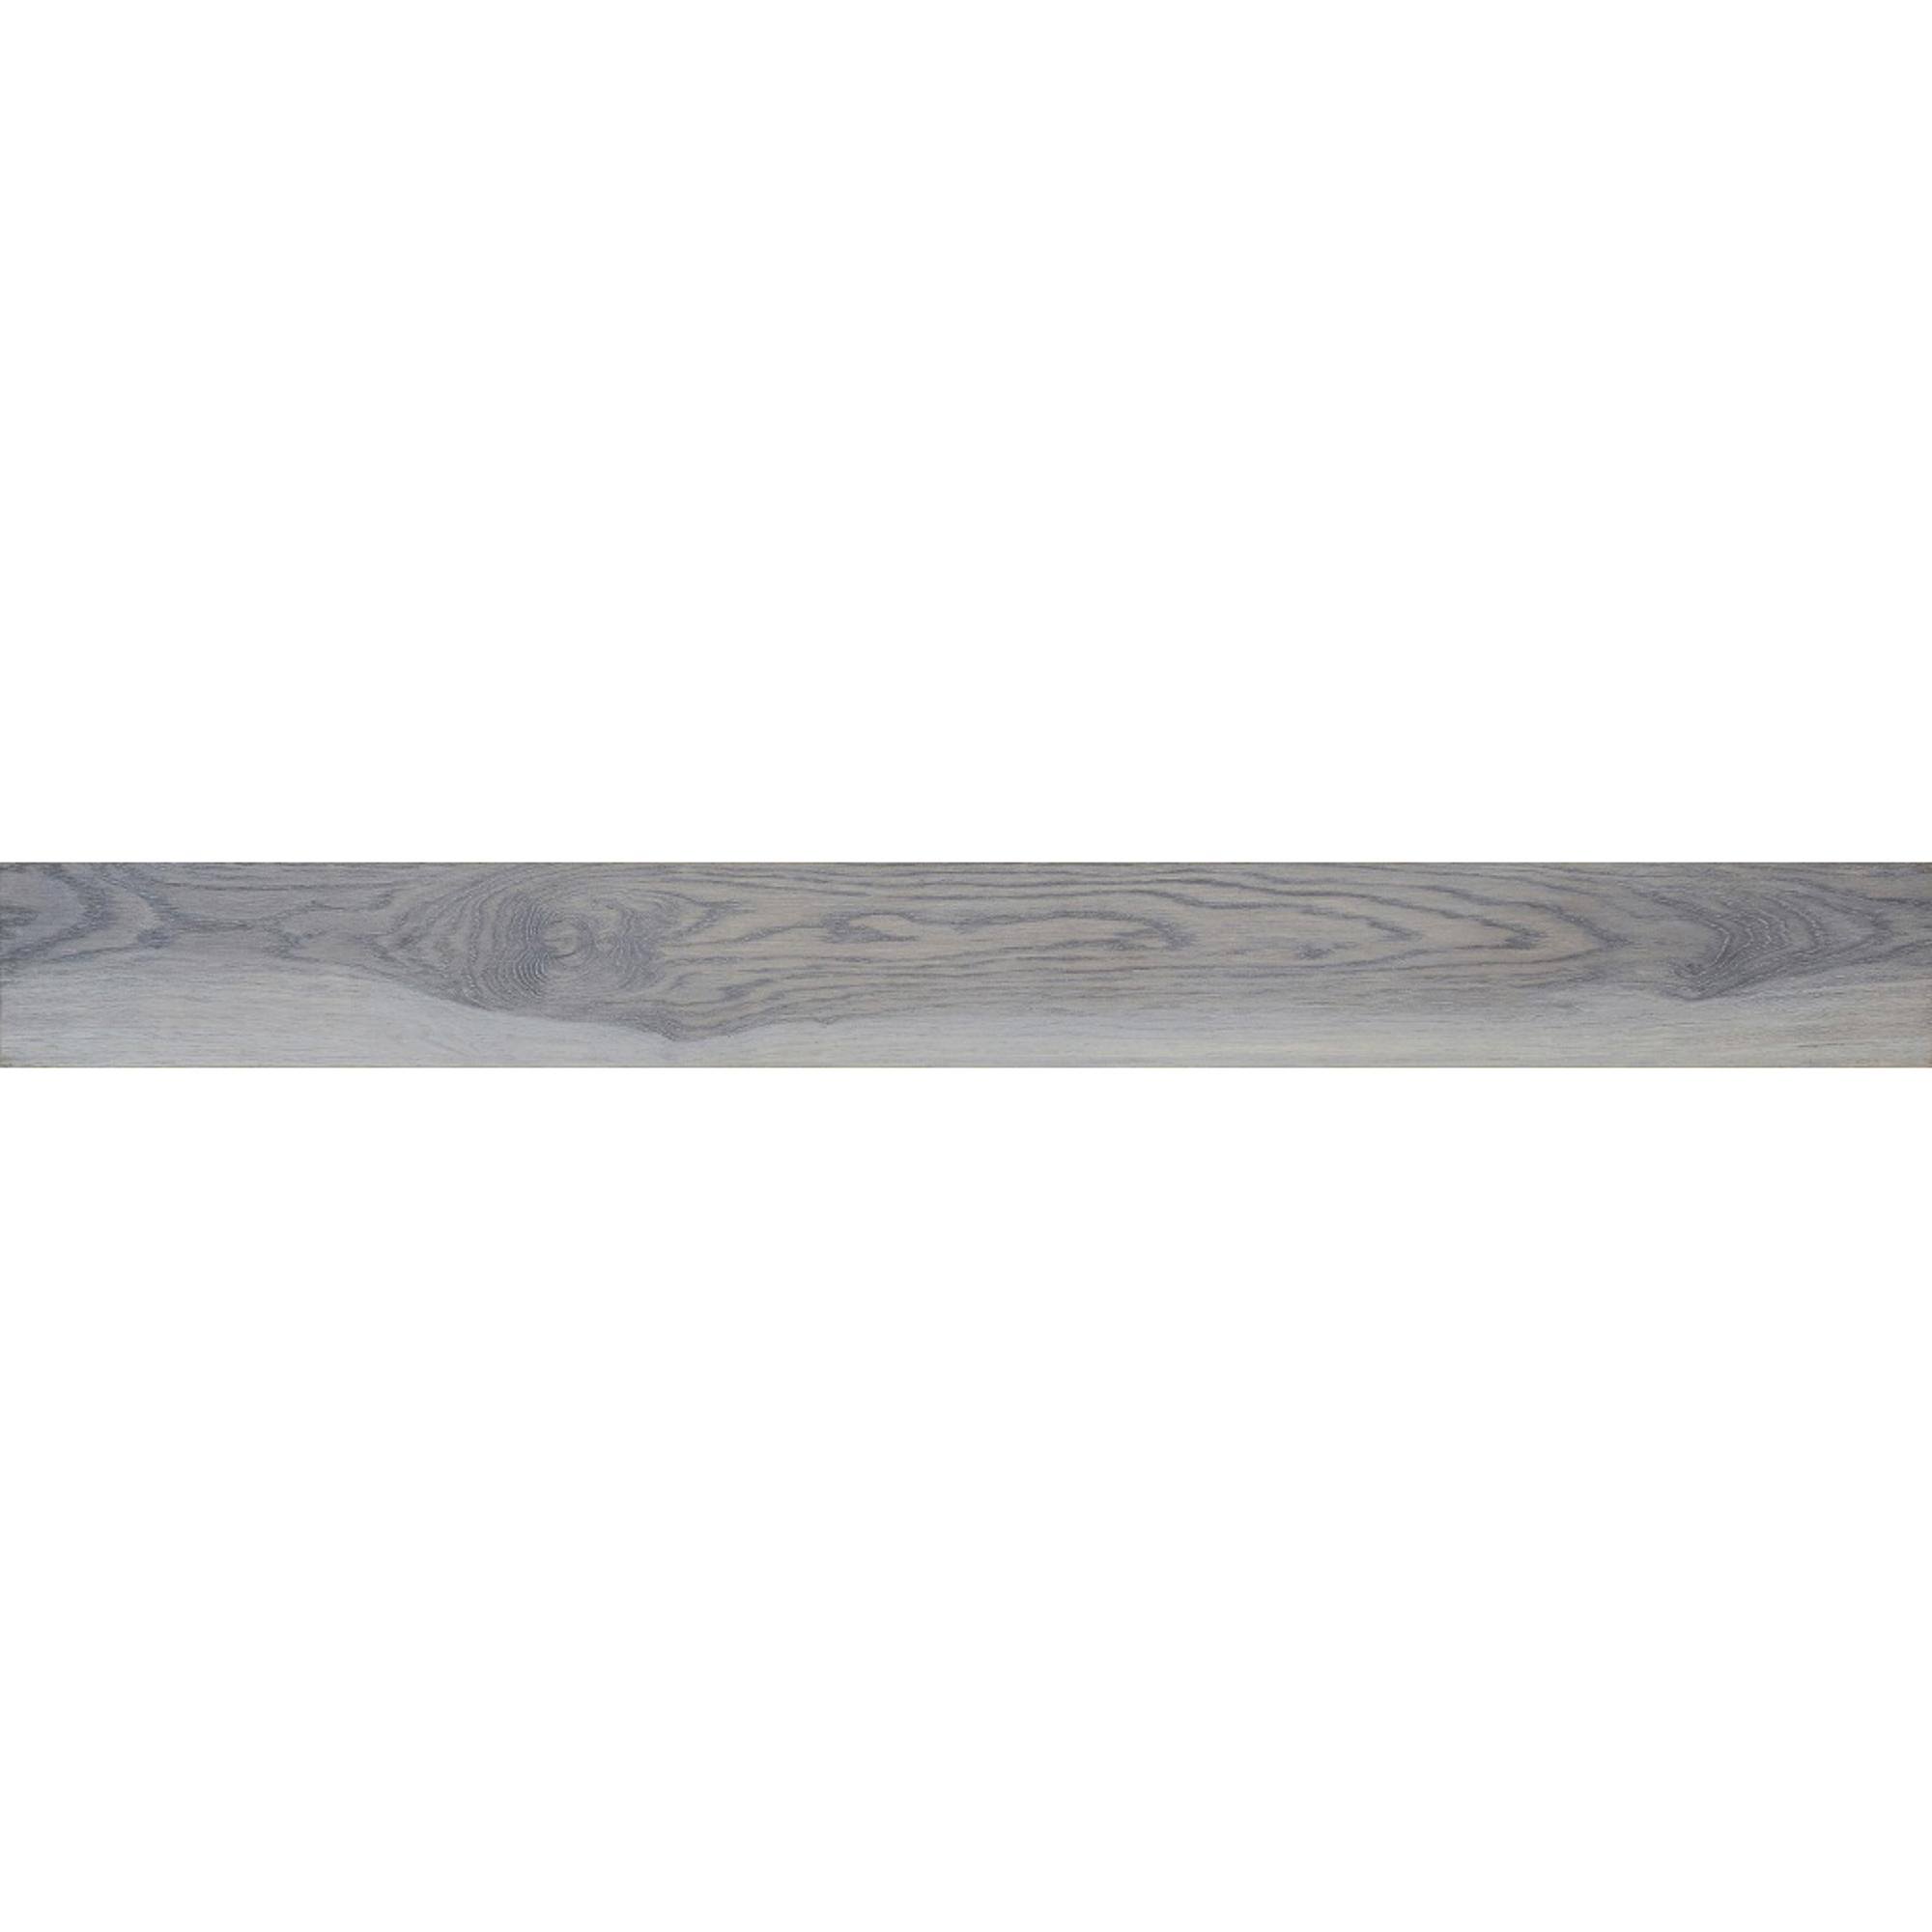 Ламинат Paradise Selva Серый дуб S-01 паркетная доска barlinek grande дуб ivory 2200х180х14 мм